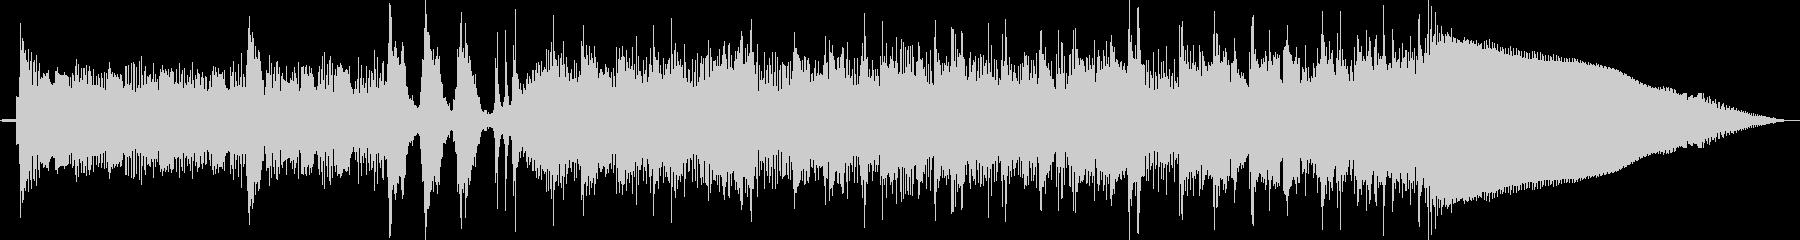 ベースサウンドで変拍子フレーズジングル曲の未再生の波形